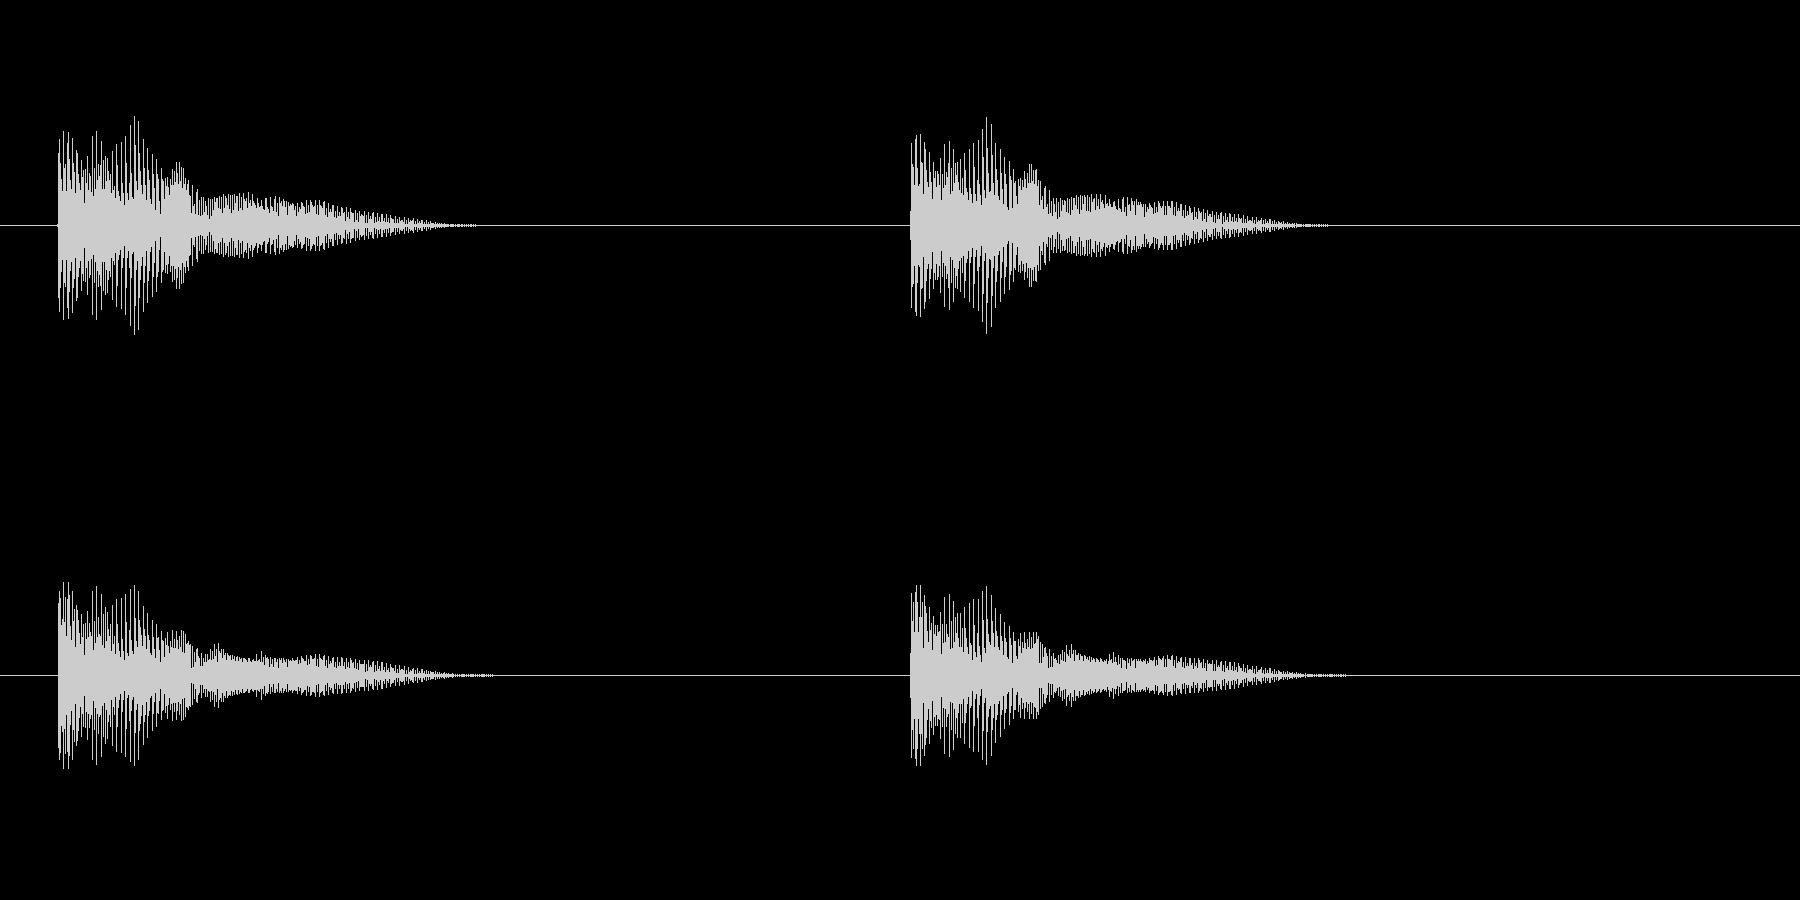 ポヨーン ポヨーン (ムックリの音)の未再生の波形